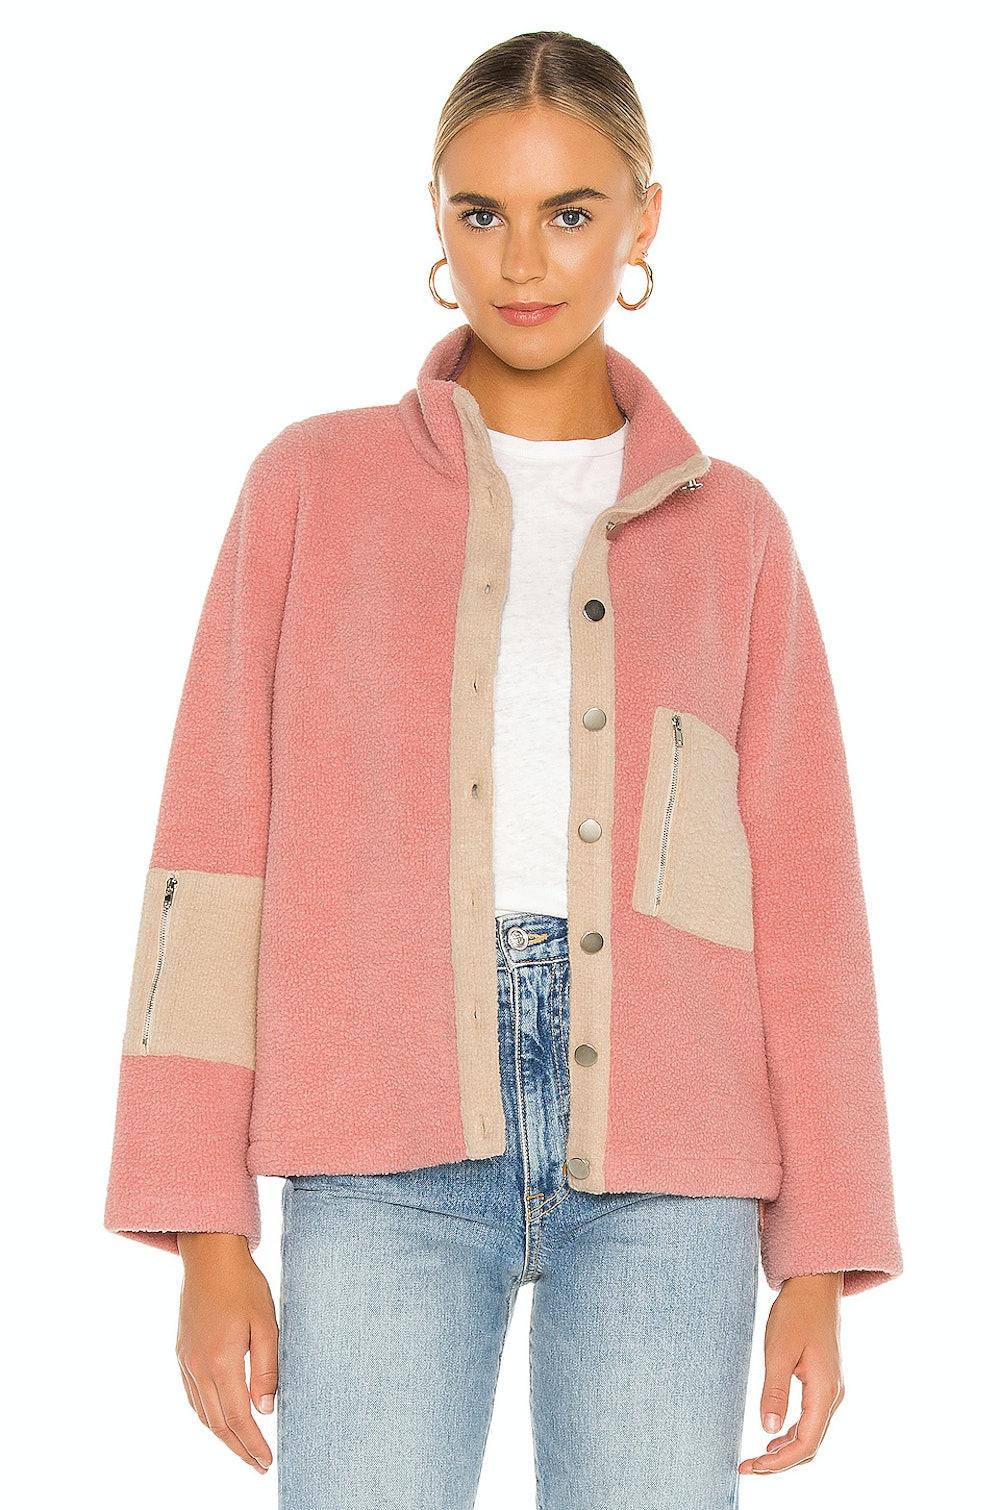 Callie Contrast Fleece Jacket